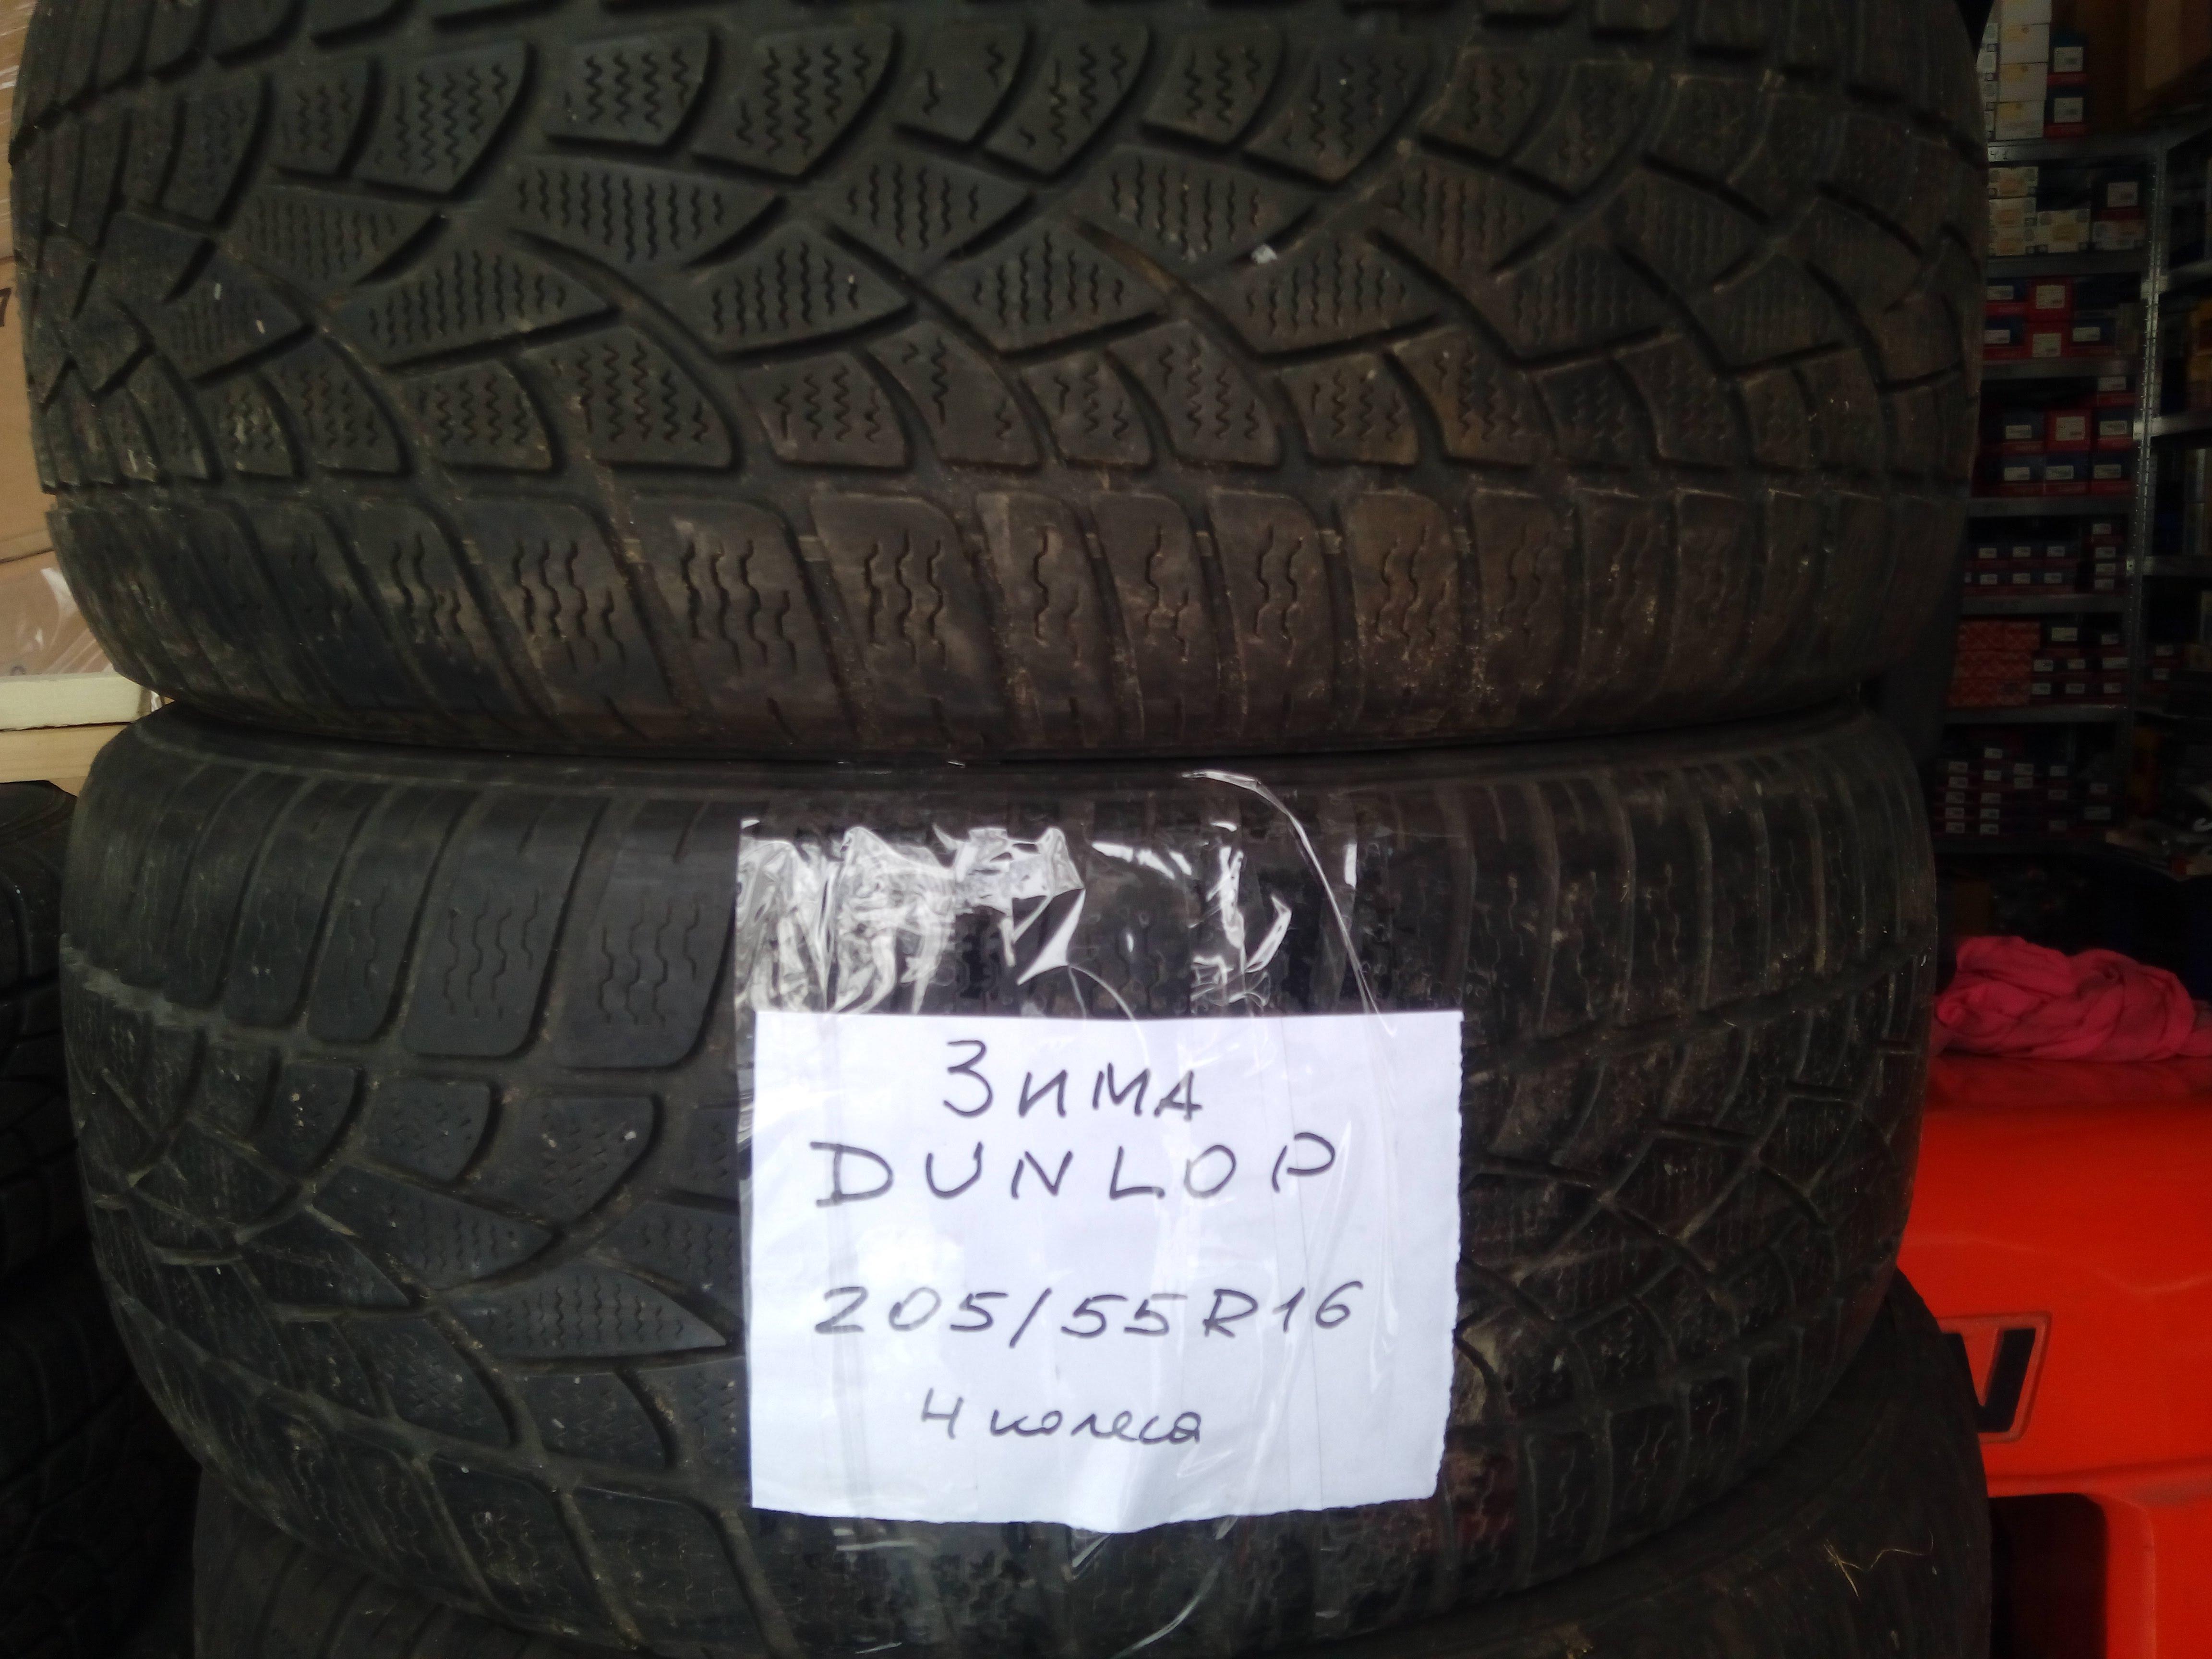 Dunlop 205/55 r16 4 шт зима резина колеса Киев бу